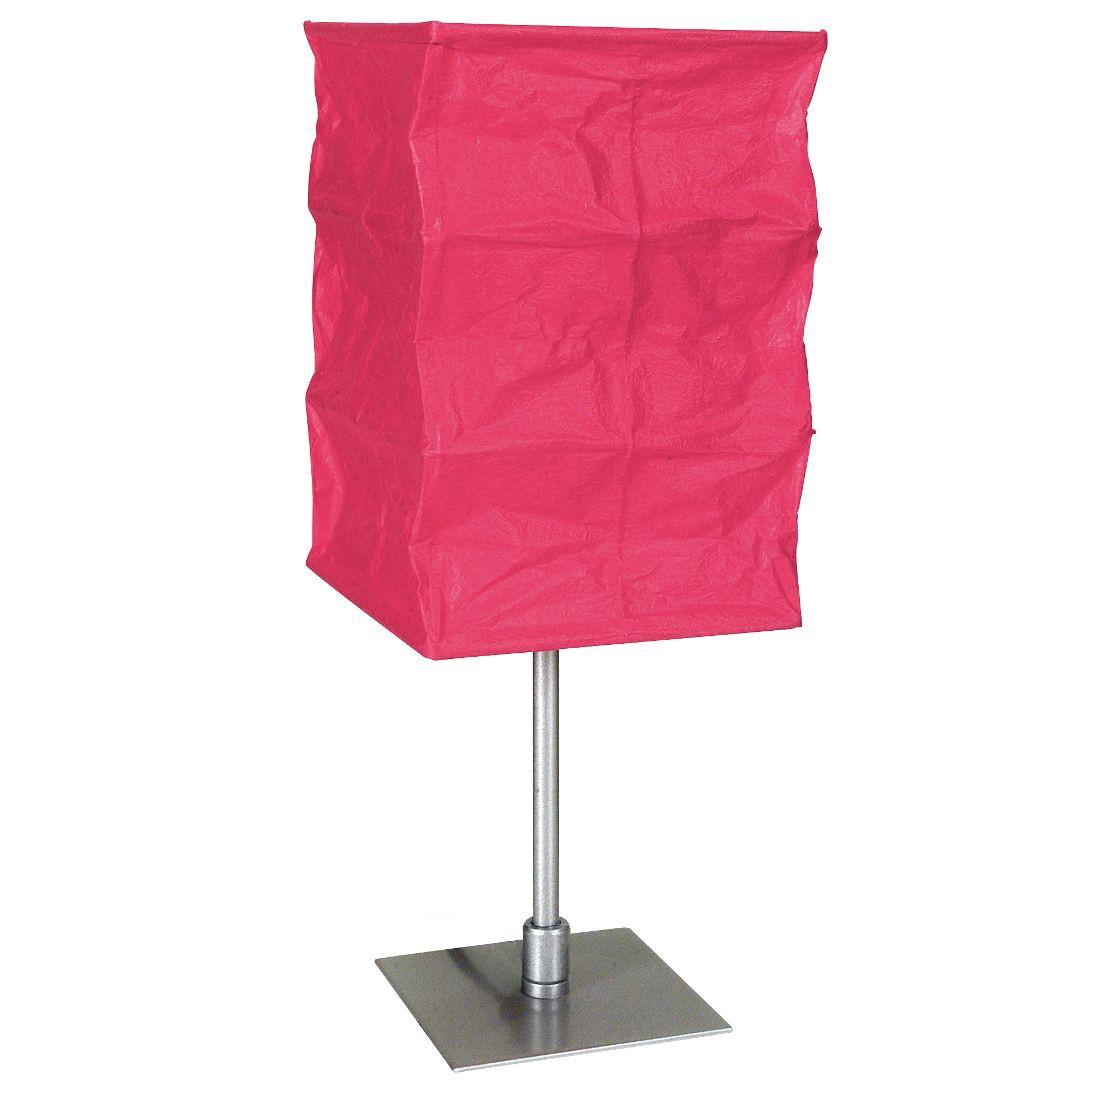 Tischleuchte - Pink, Naeve